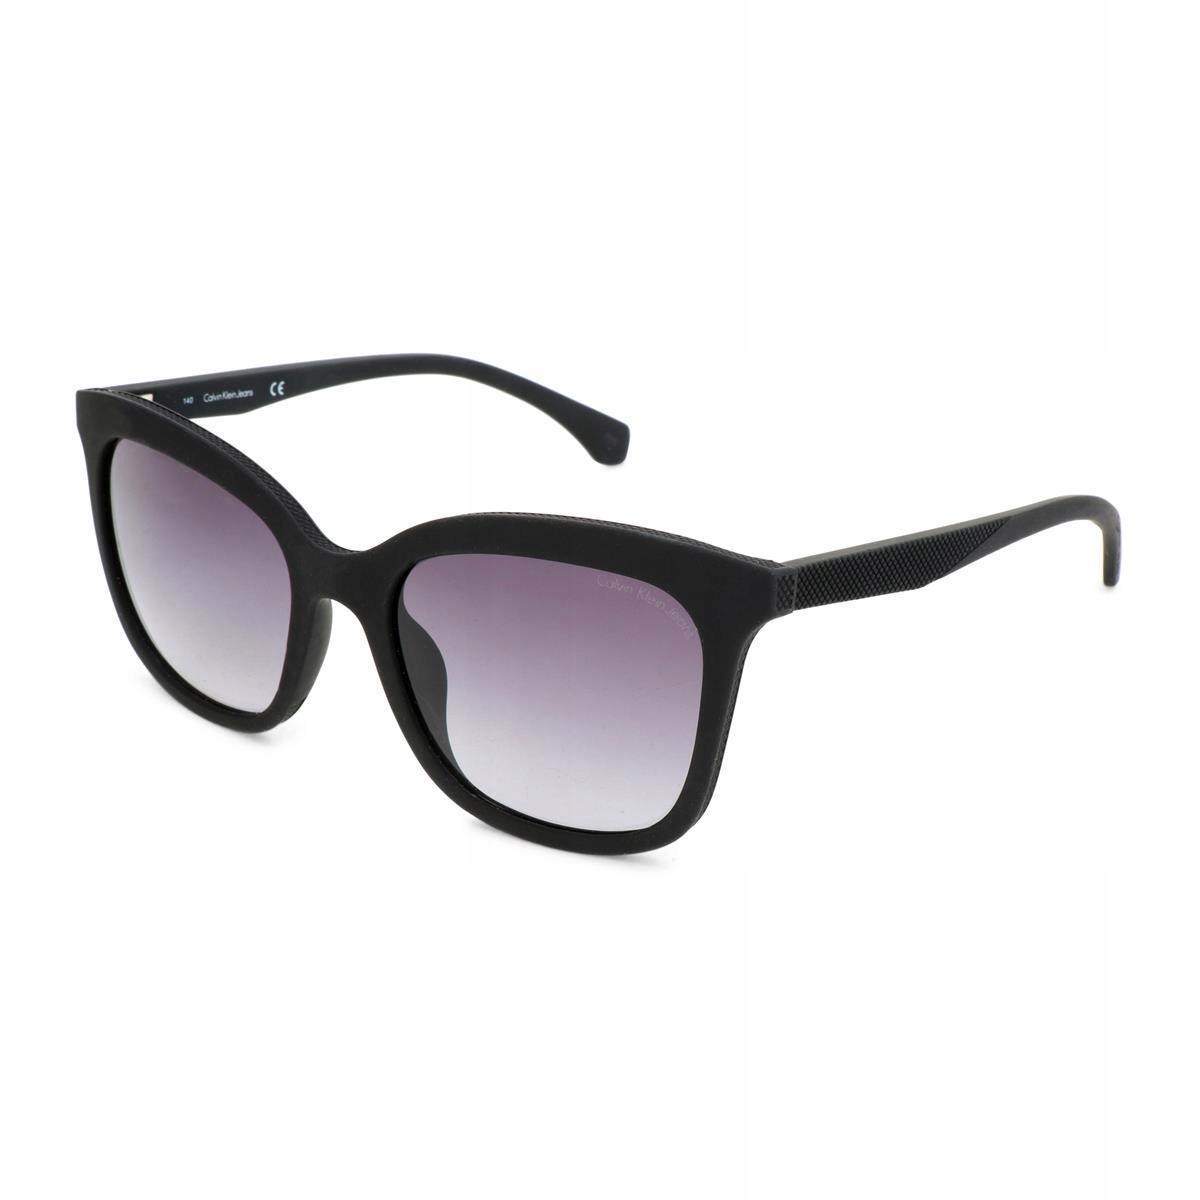 Calvin Klein damskie okulary słoneczne czarny